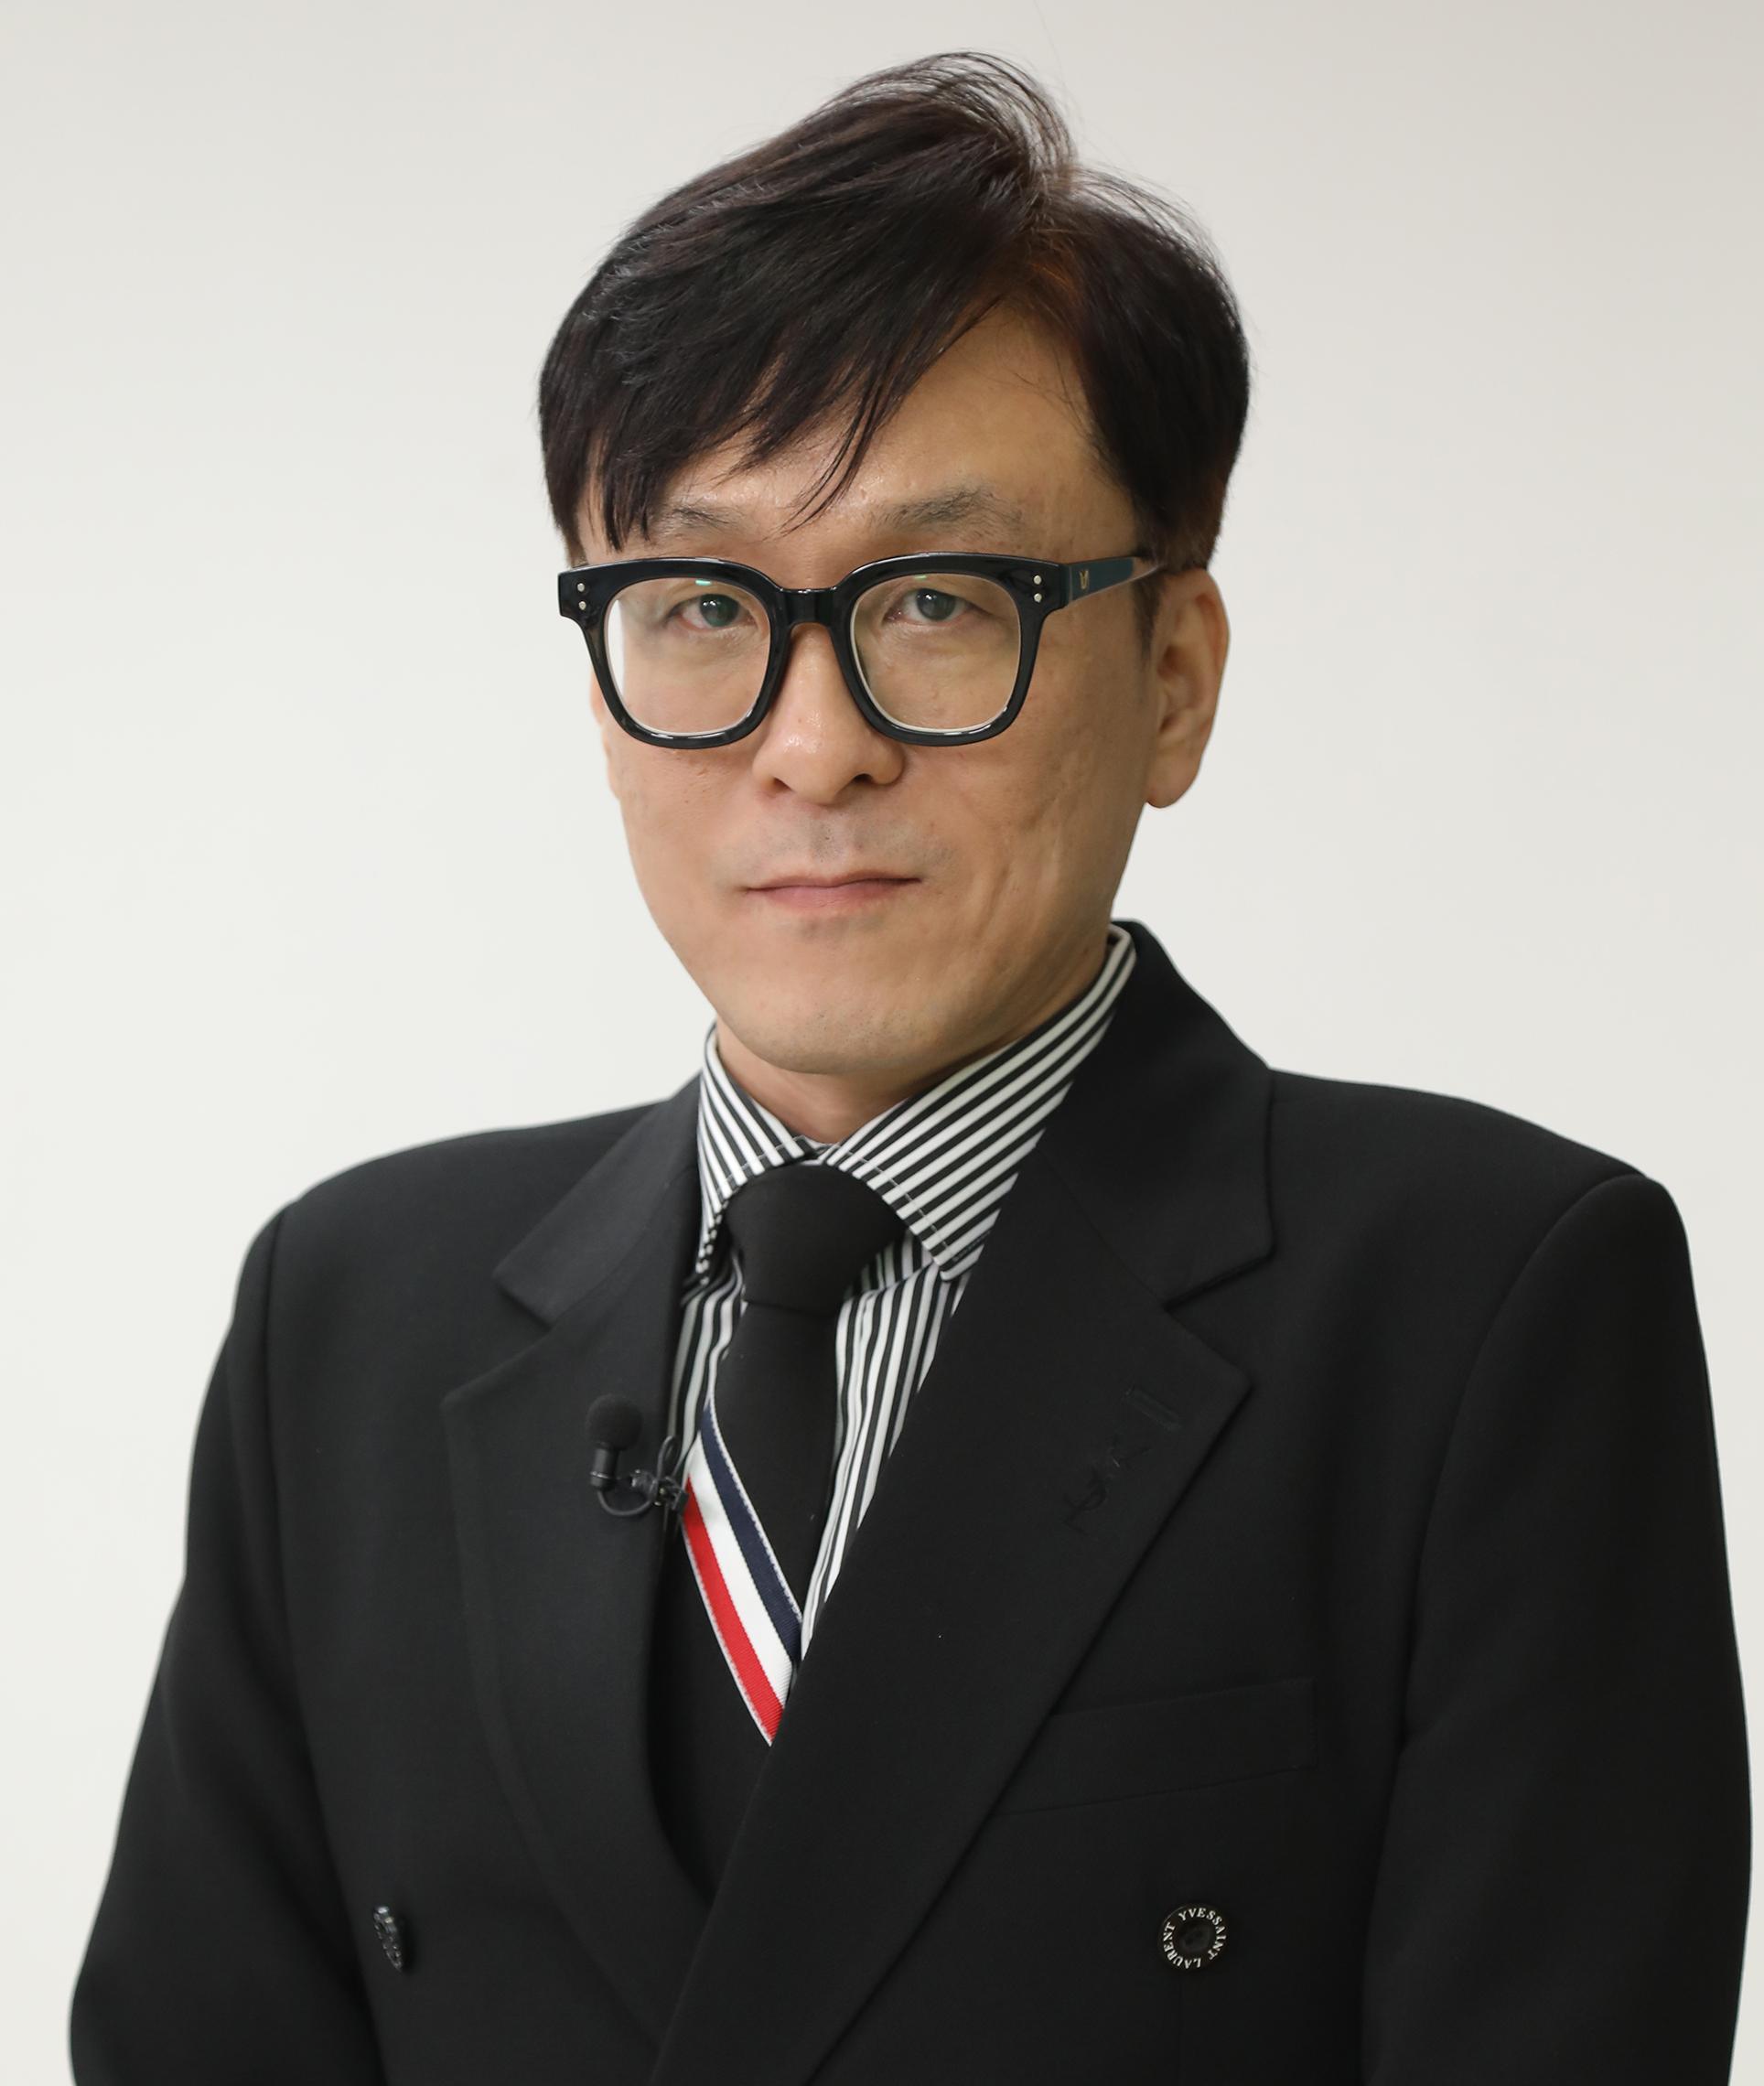 김용하 교수